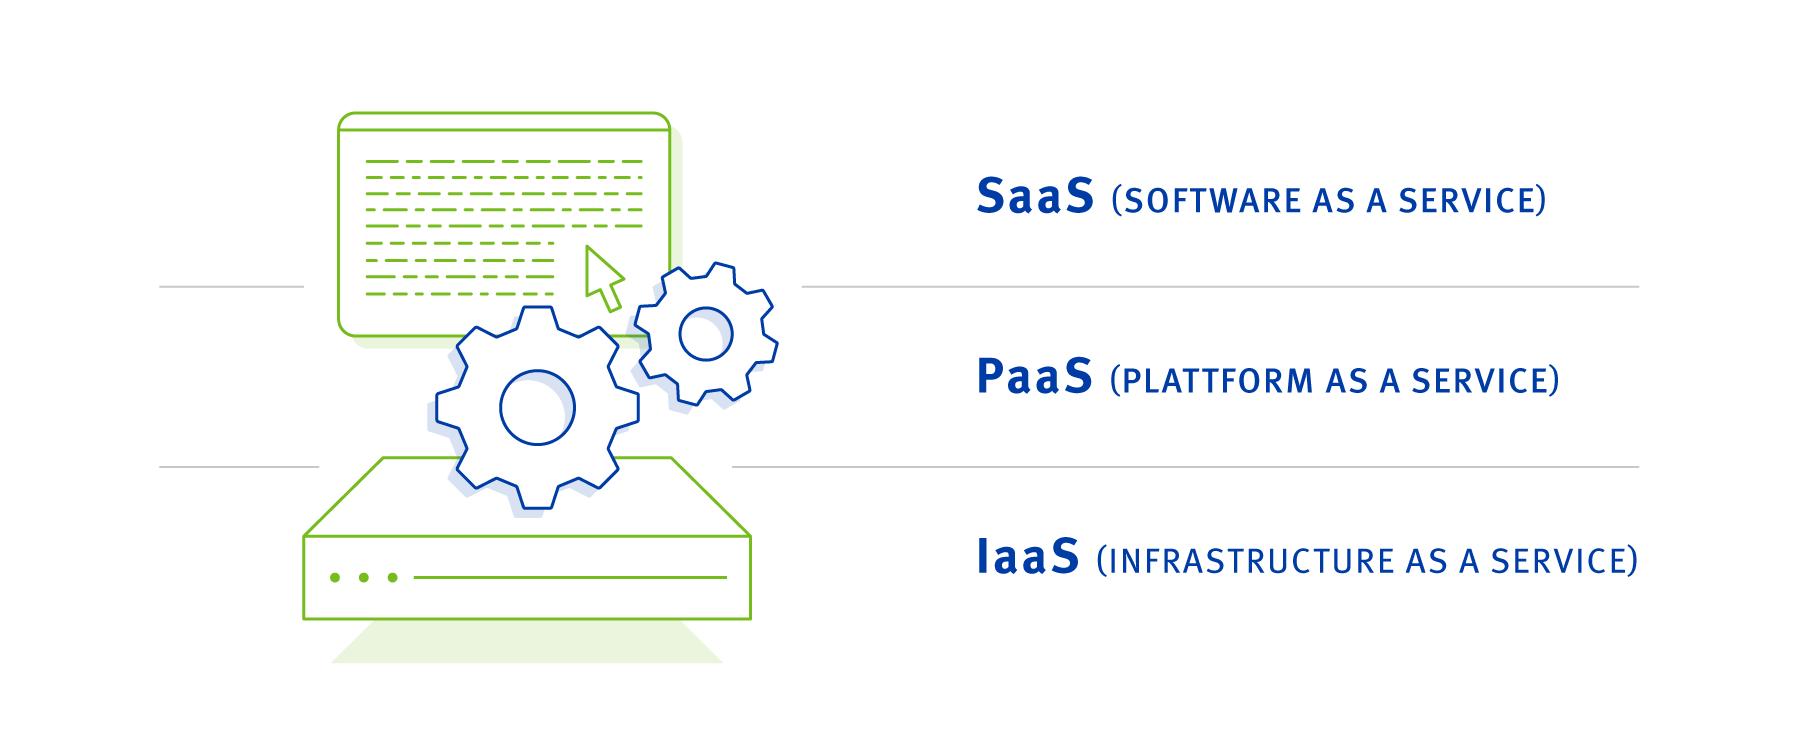 Public Cloud Variants SaaS PaaS IaaS